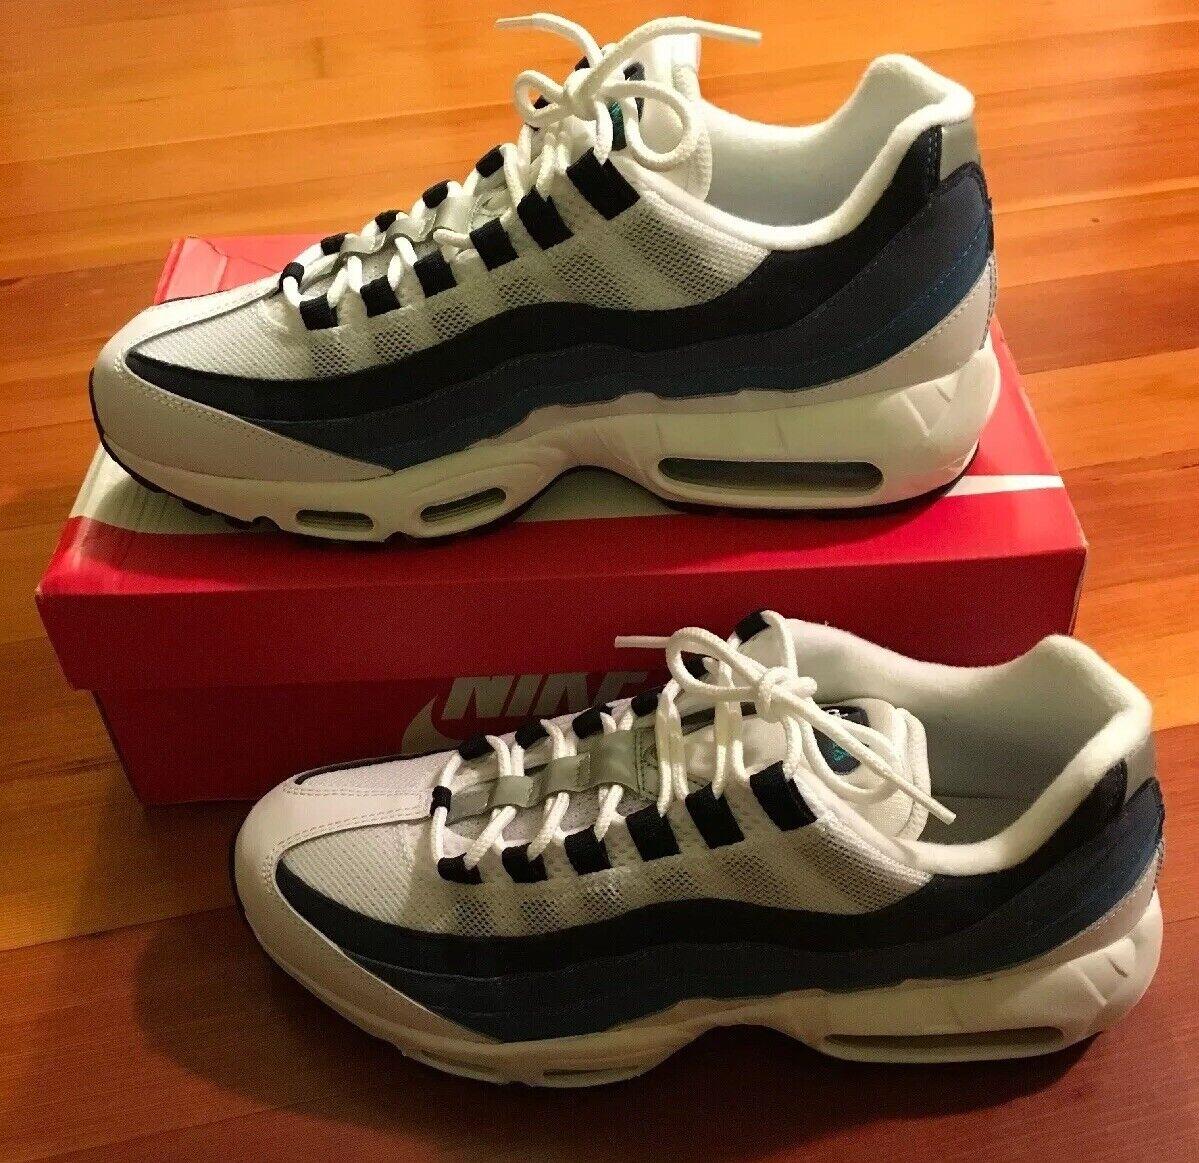 NEW Nike Air Max 95 Women Size 12 White Emerald Green bluee Slate (307960-100)